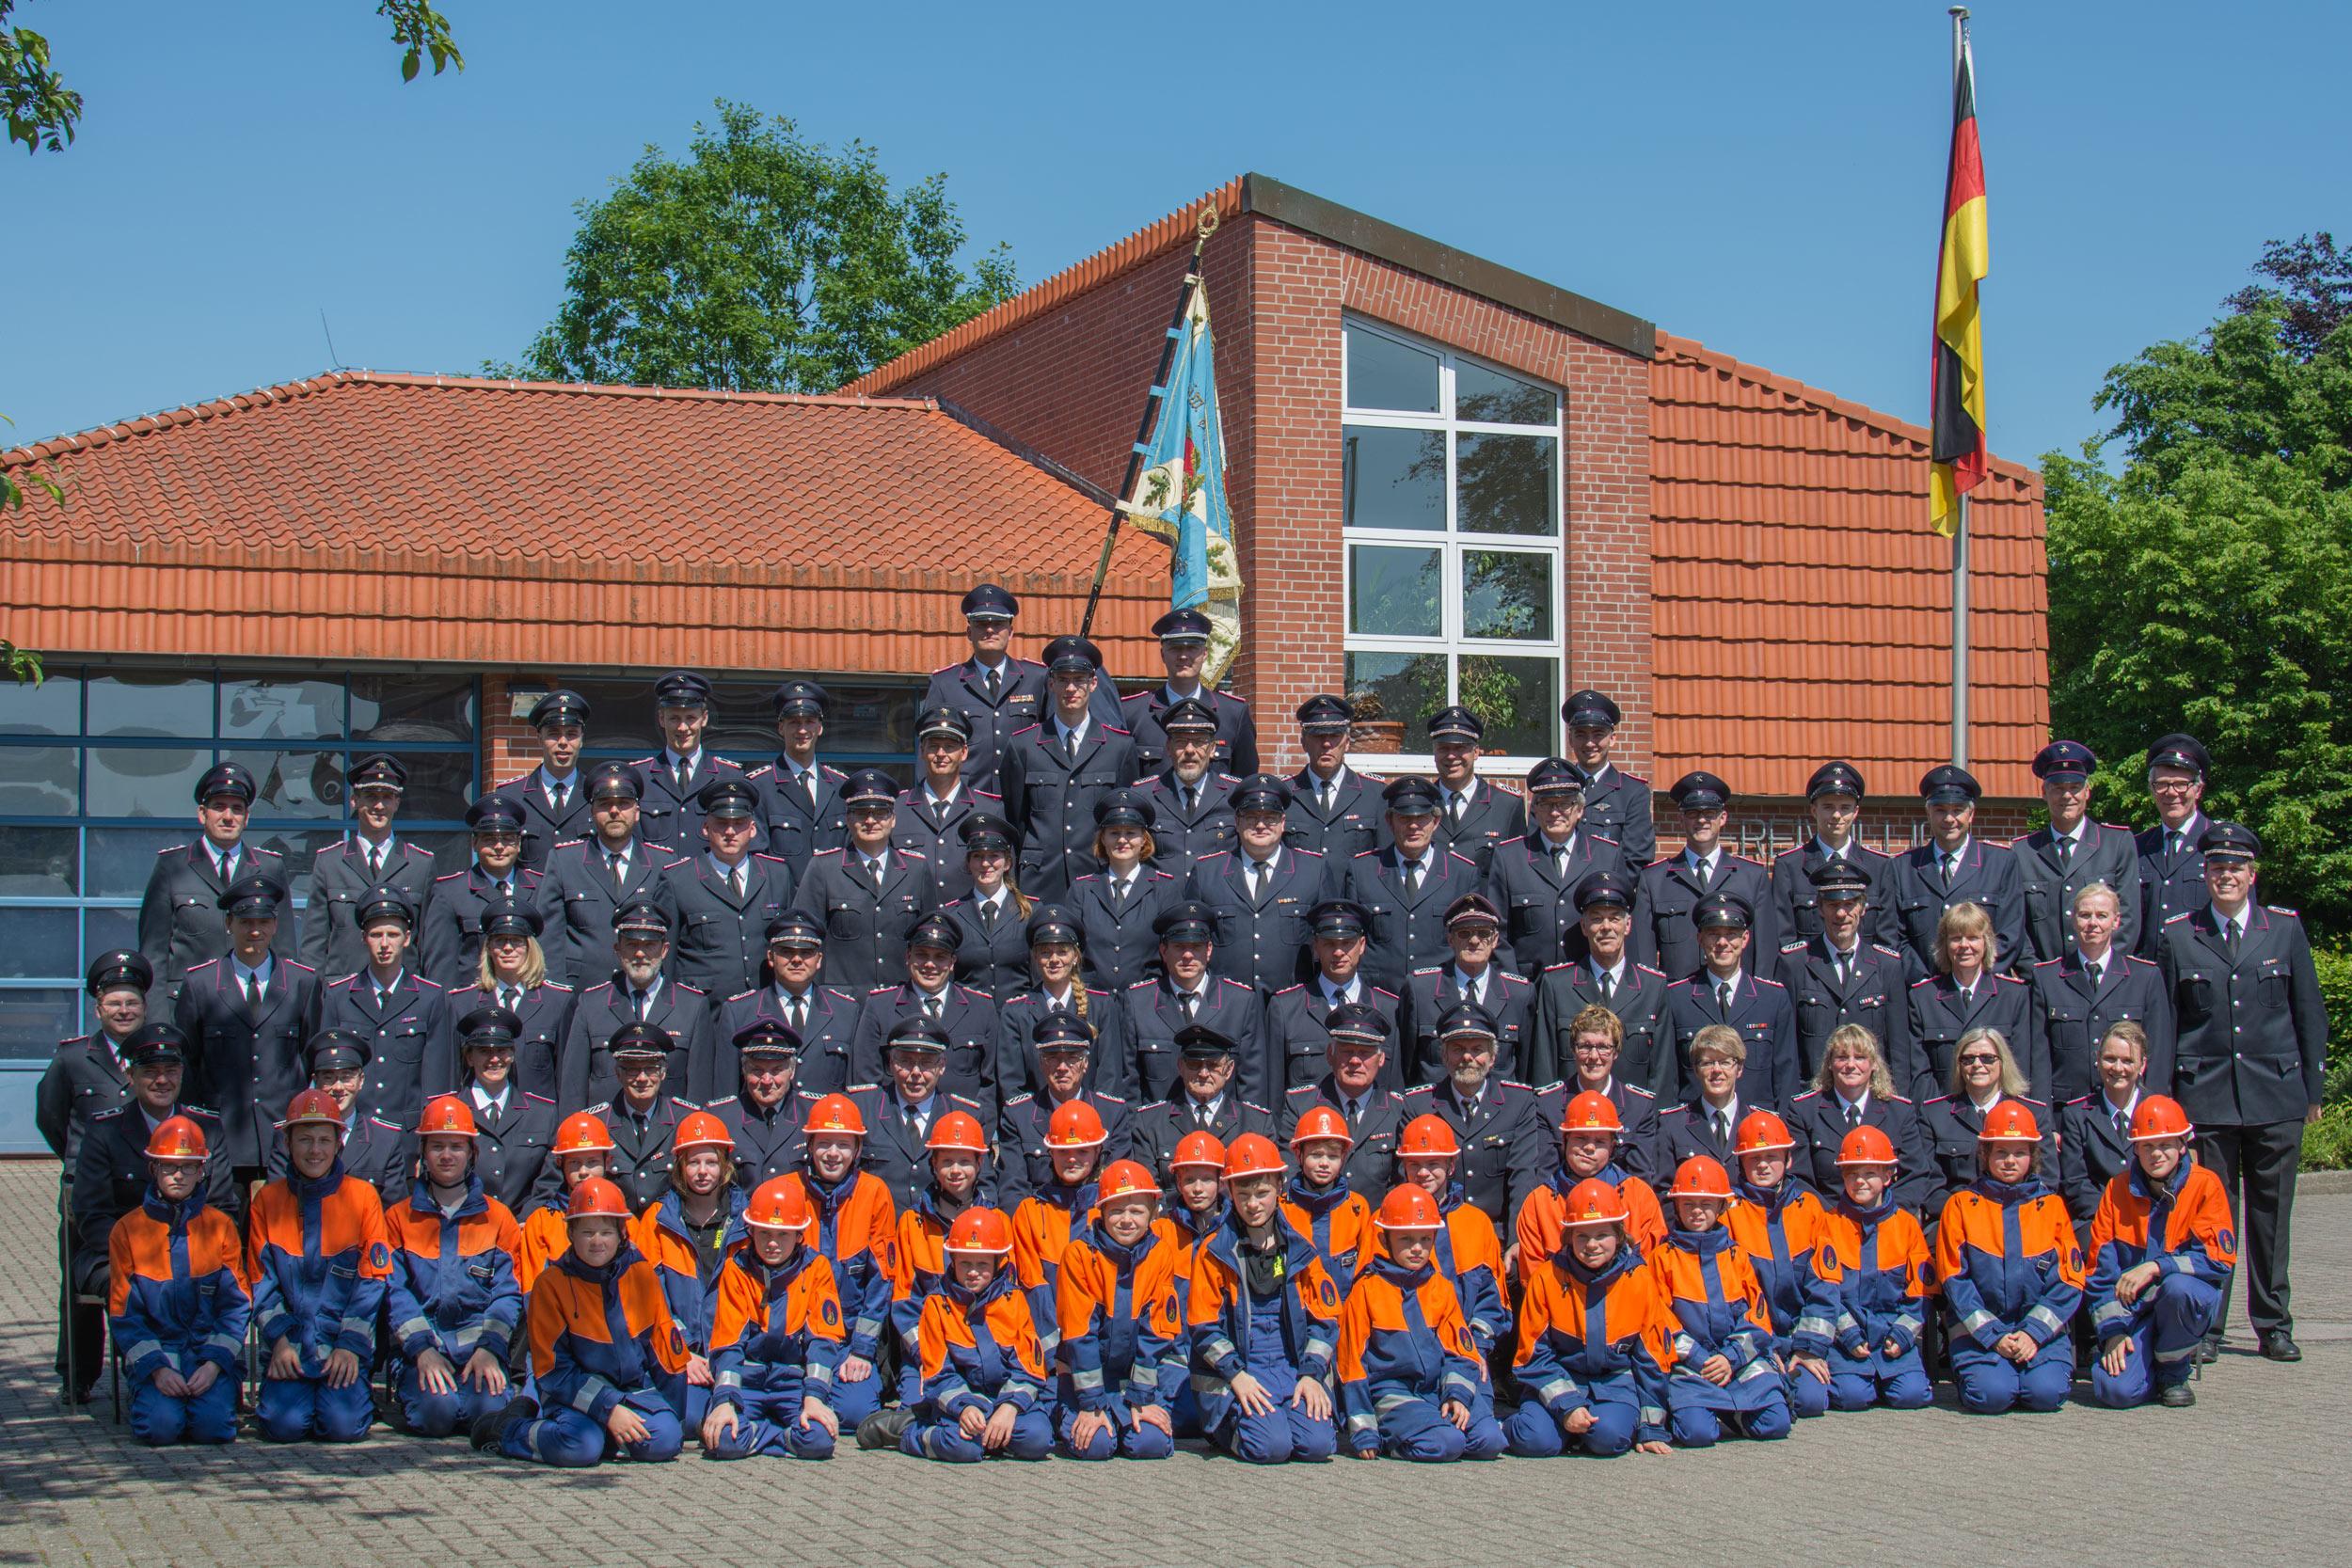 Die Freiwillige Feuerwehr Sülfeld ist 8 Jahre alt – Freiwillige ...